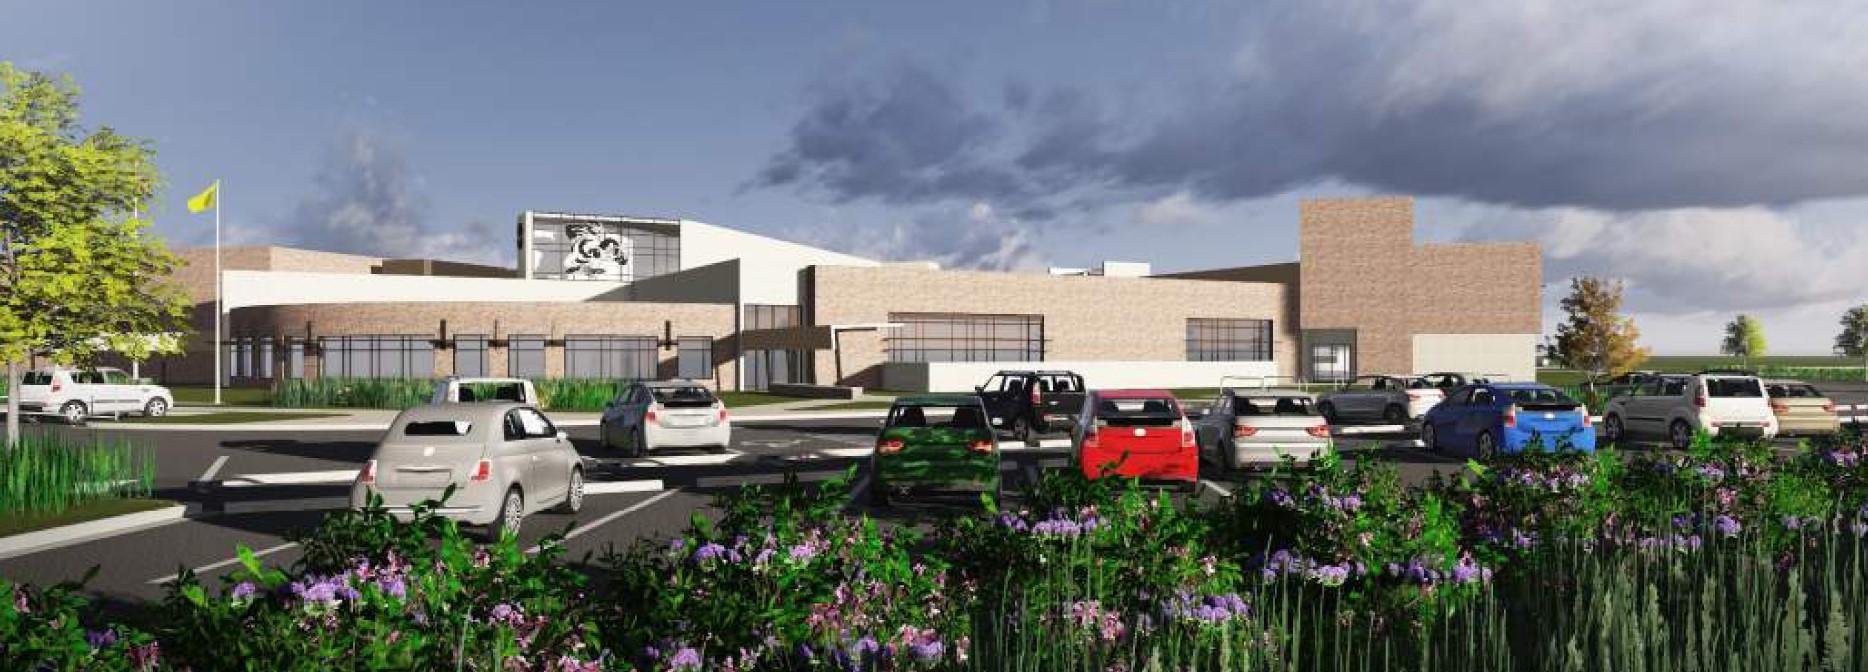 Rendering of Hull Prairie Intermediate School